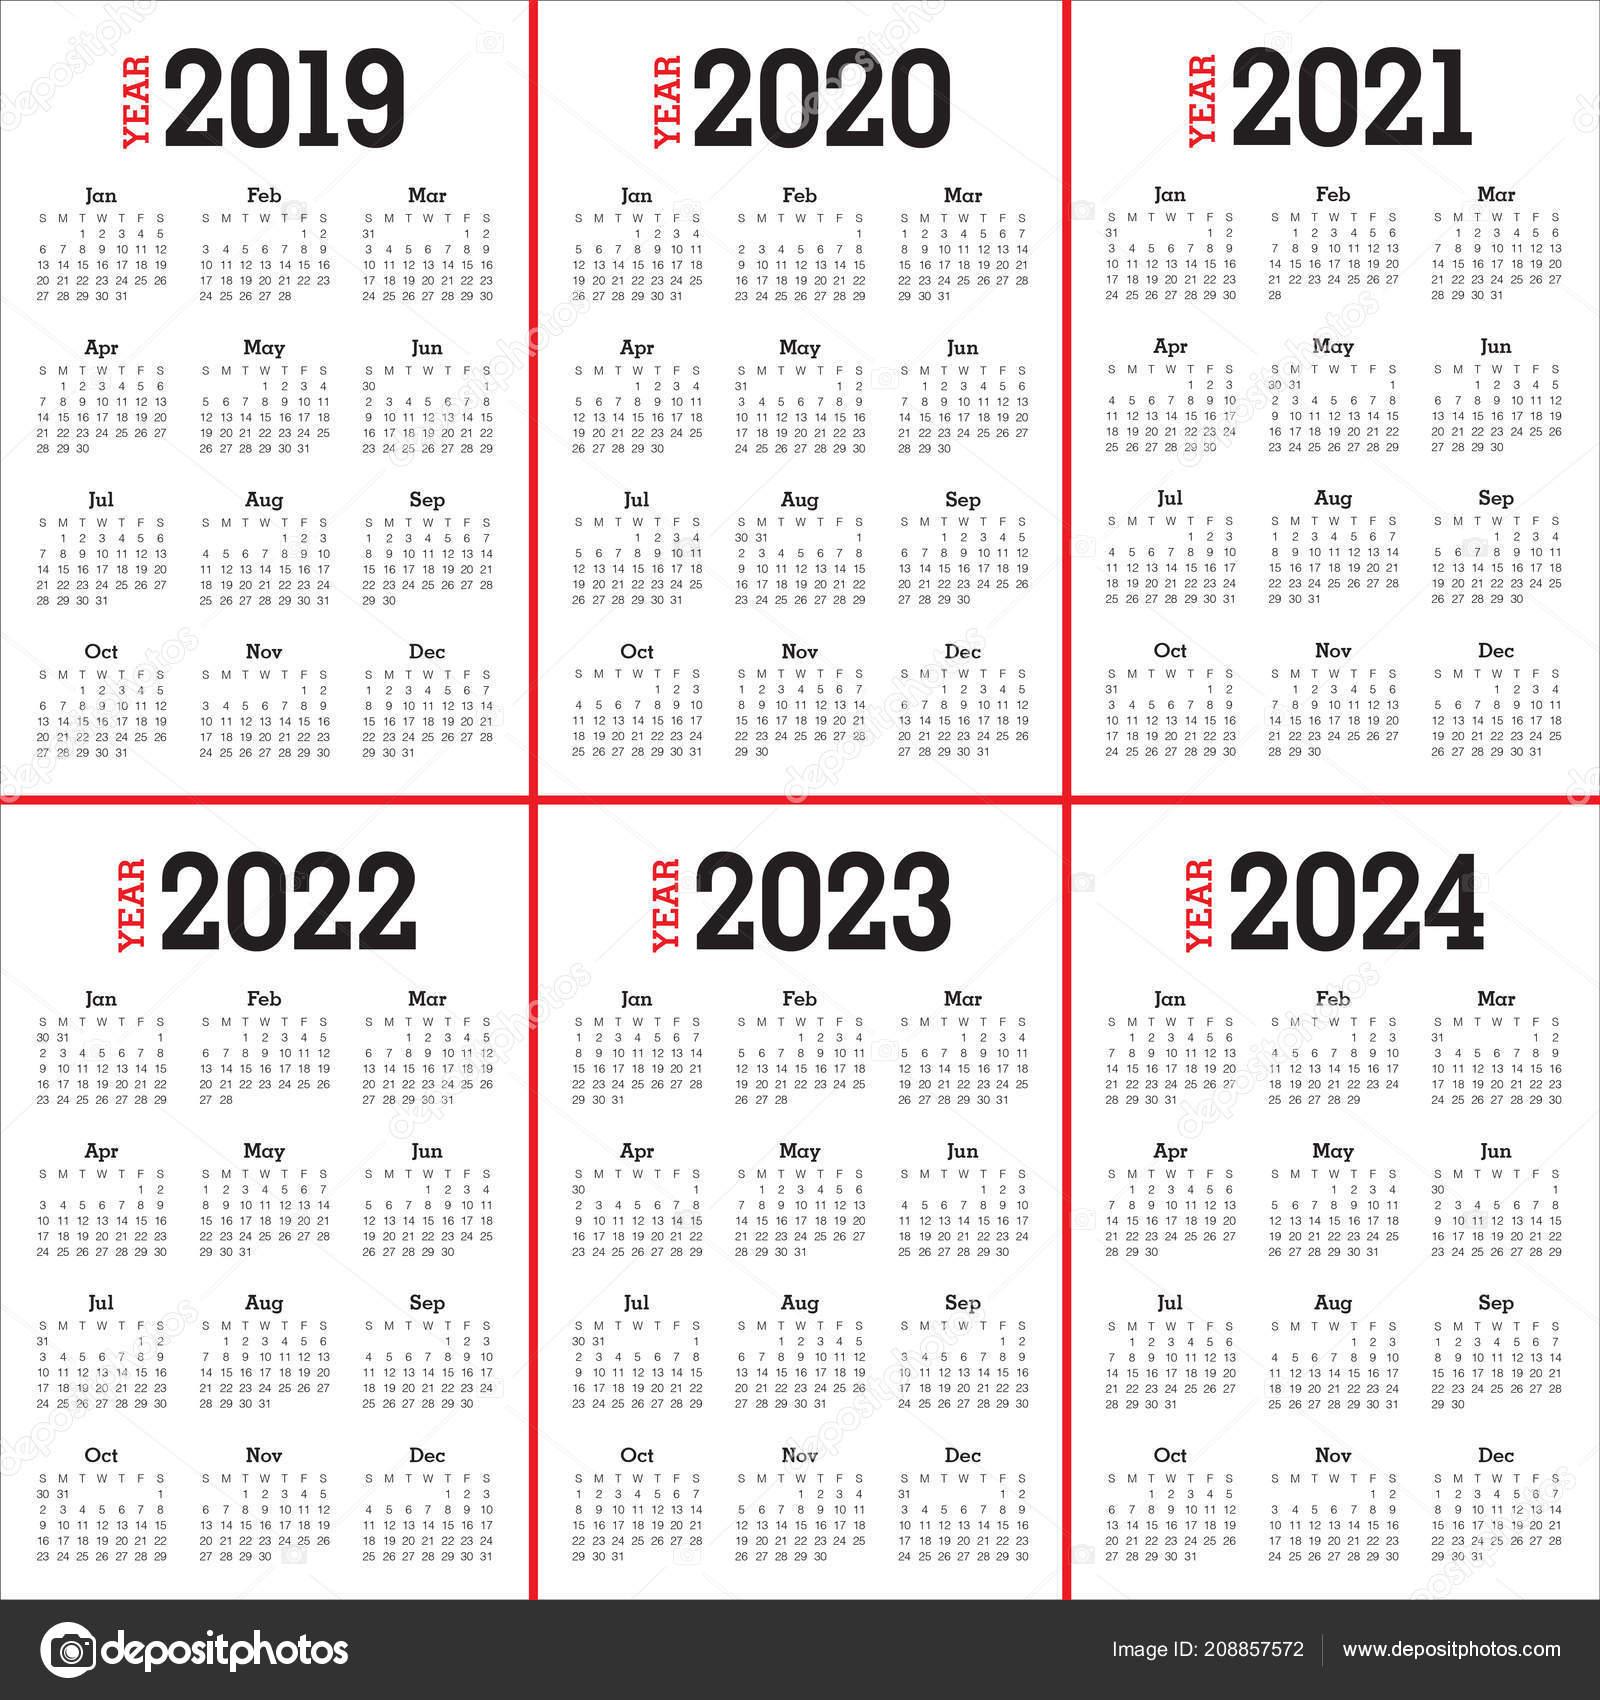 Шаблон Оформления Вектор Календарь 2019 2020 2021 2022 2023 2024 throughout Print 2019 2020 2021 2022 2023 Calender